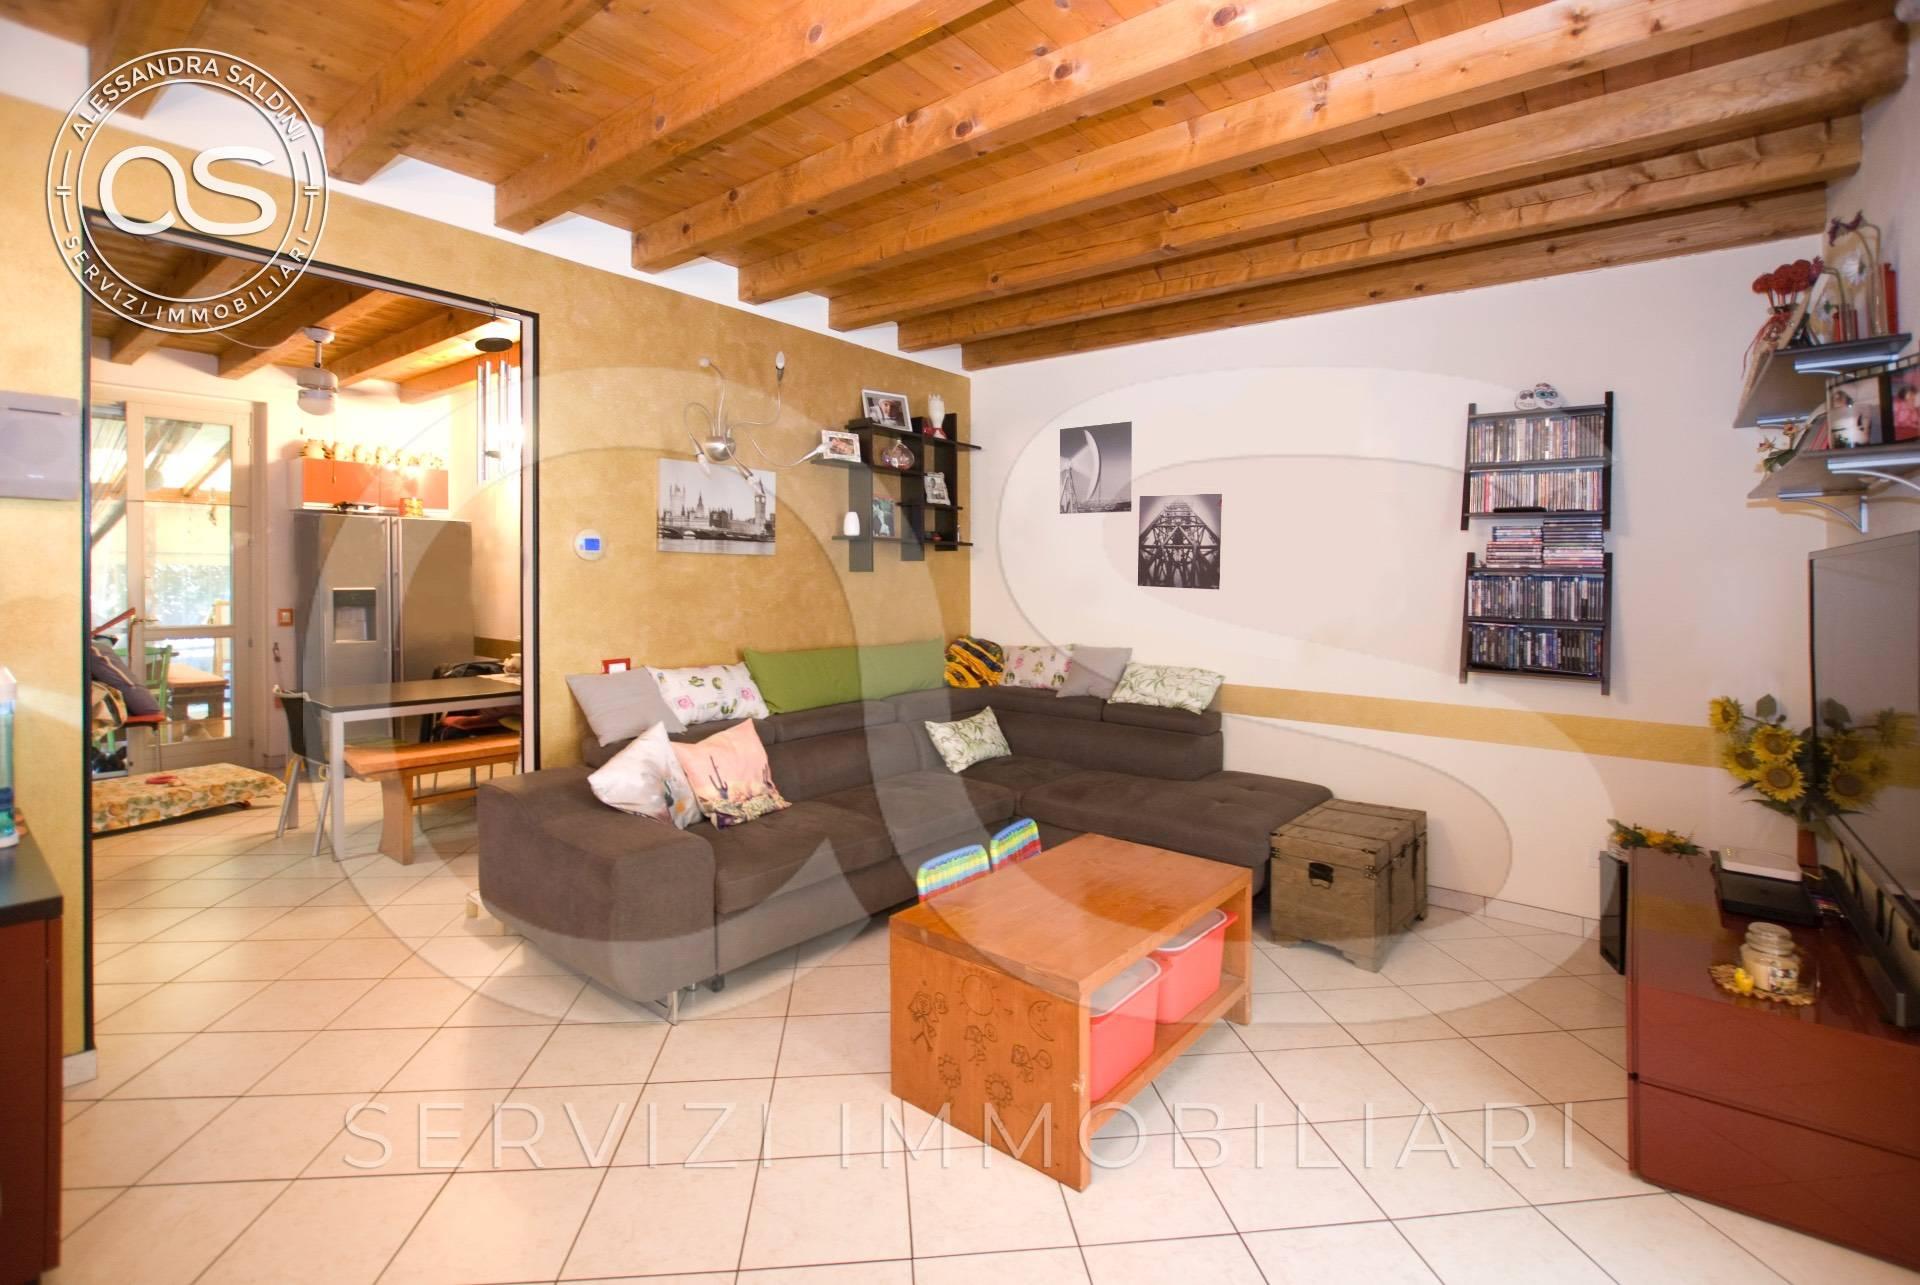 Appartamento in vendita a Bassano Bresciano, 3 locali, prezzo € 135.000 | PortaleAgenzieImmobiliari.it